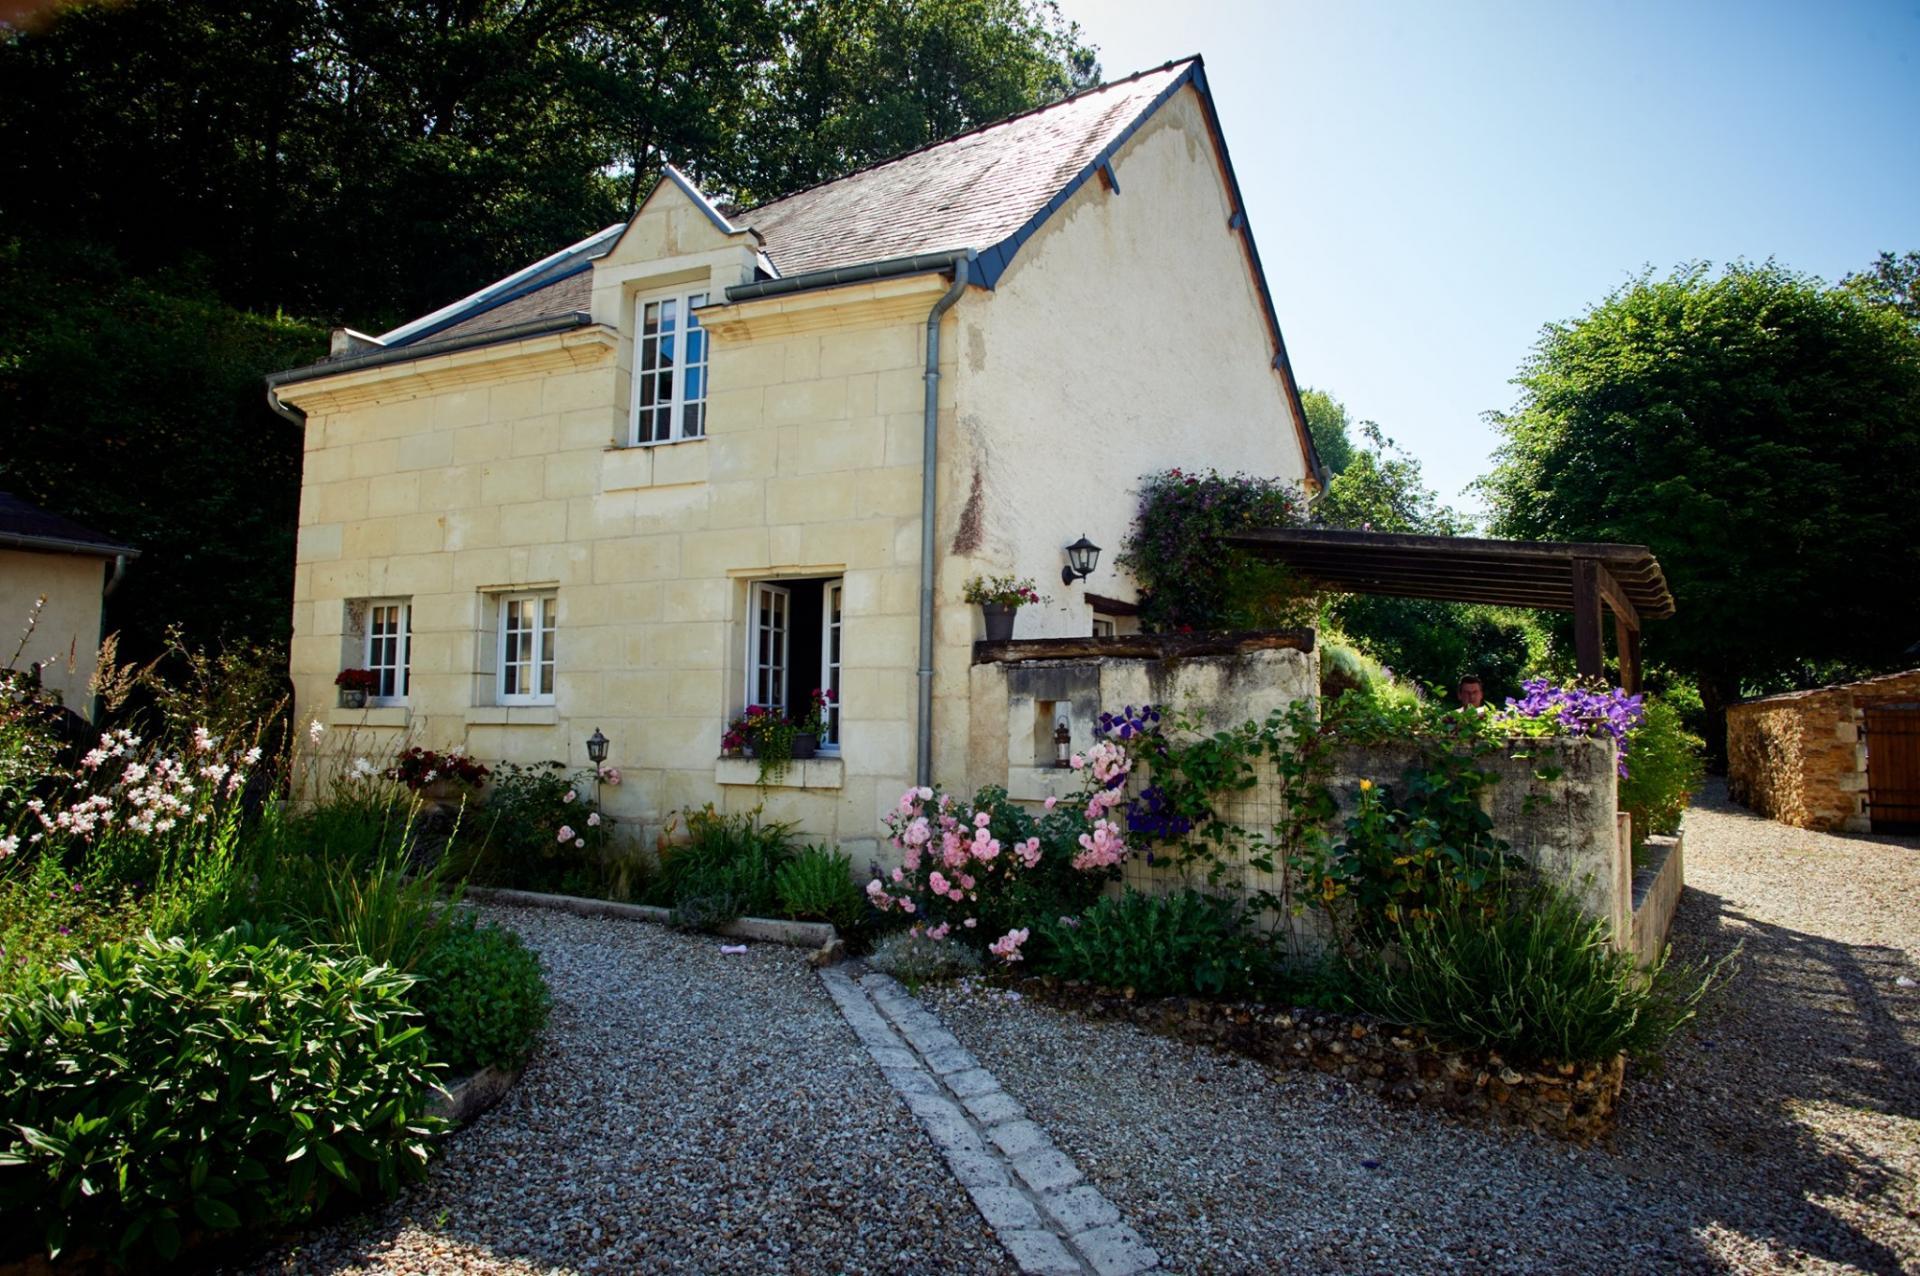 La Juranvillerie - Gîte et chambres d'hôtes